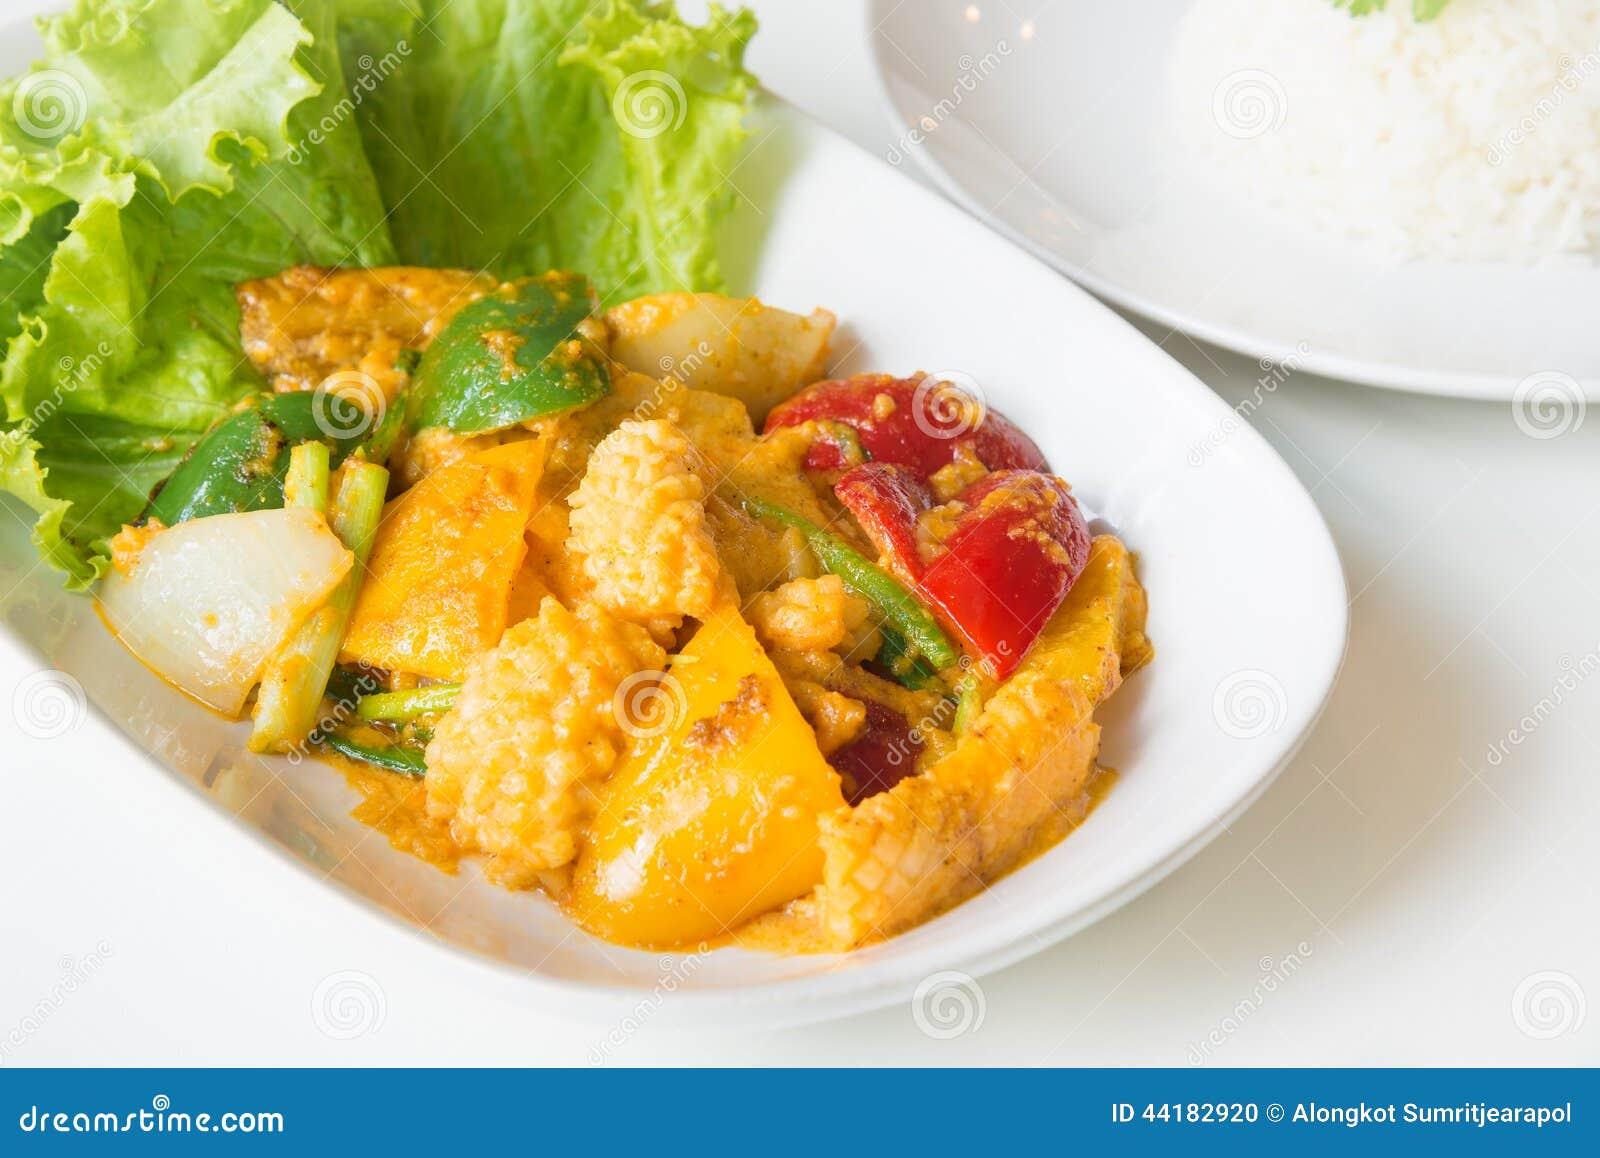 Calamar fritado Stir com yolk de ovo salgado